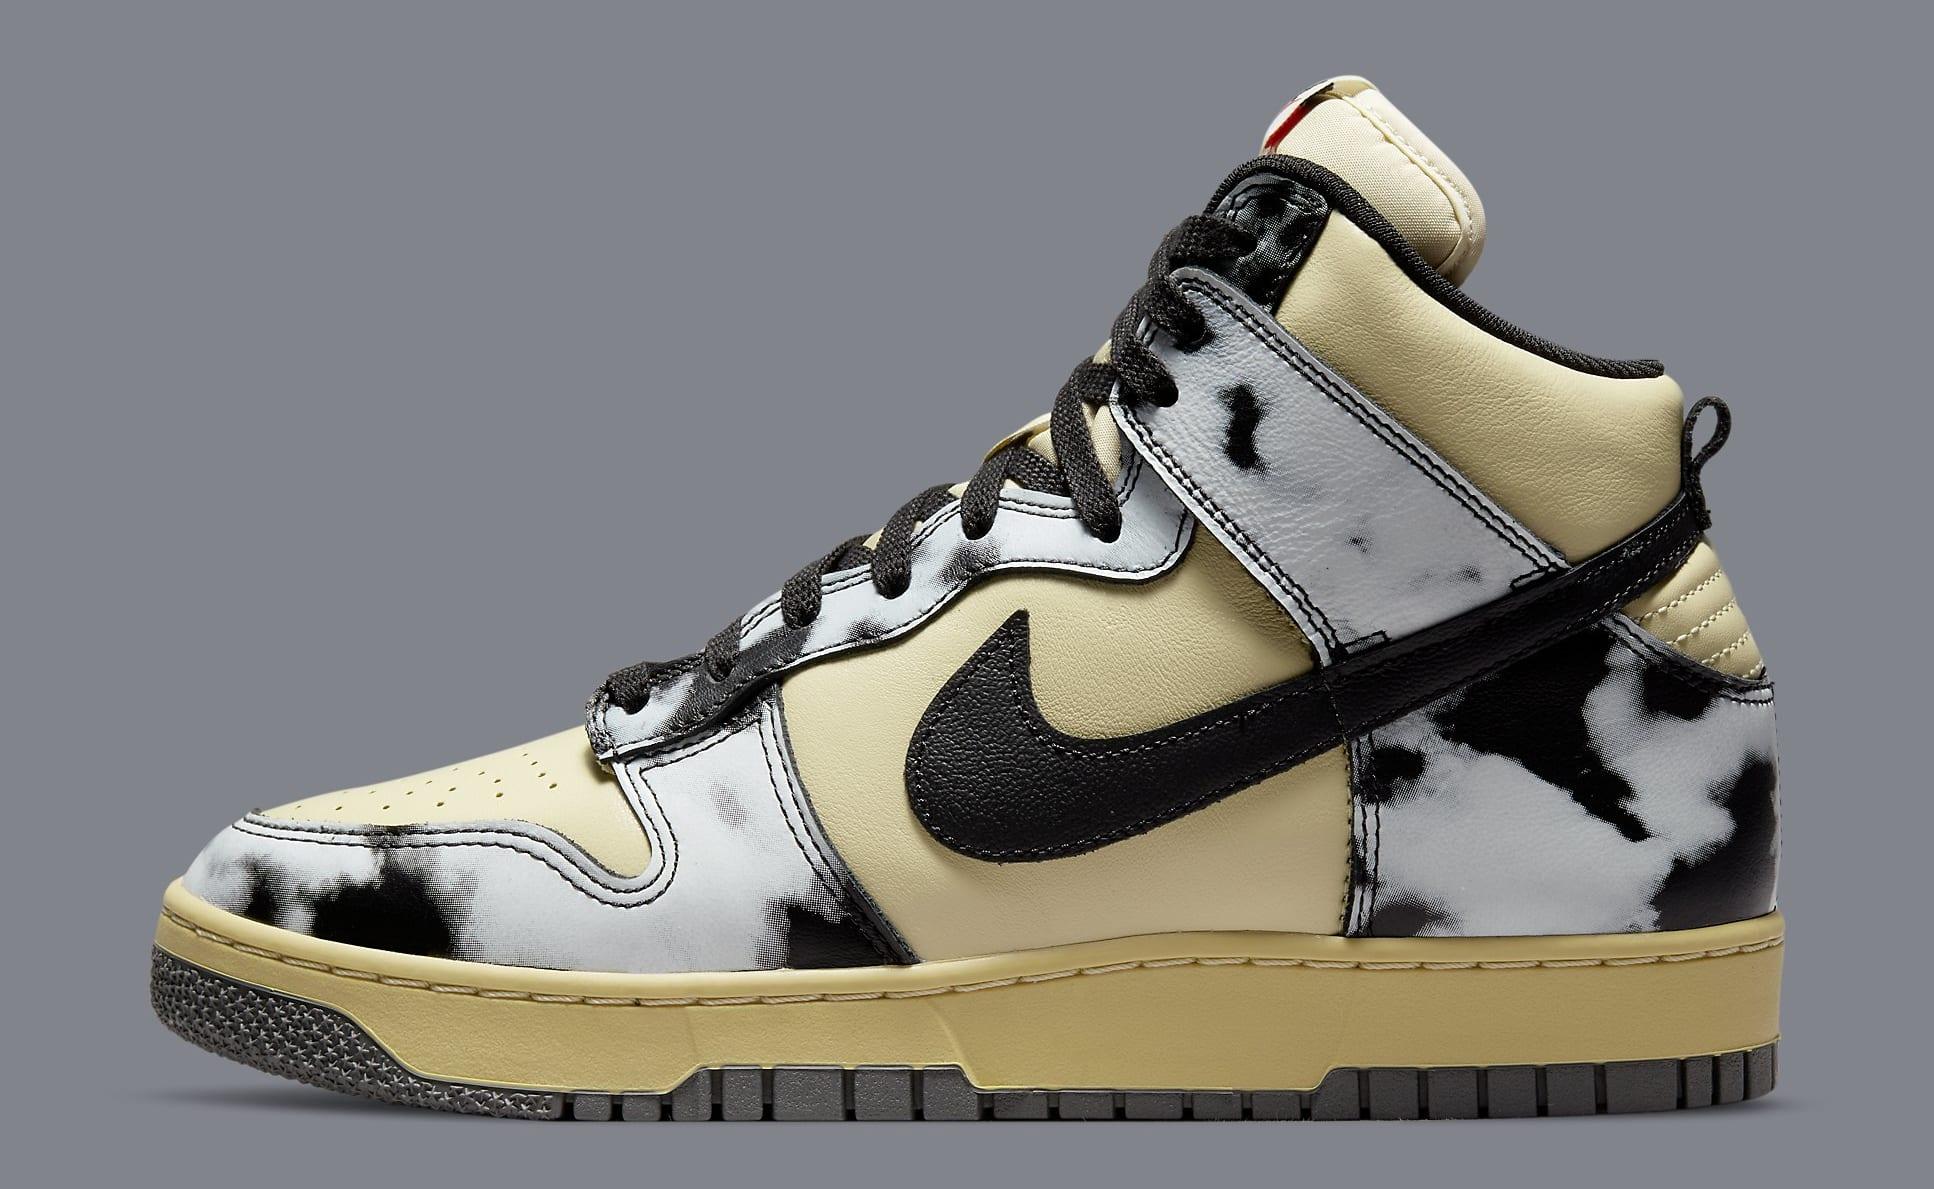 Nike Dunk High 'Acid Wash' DD9404-700 Lateral